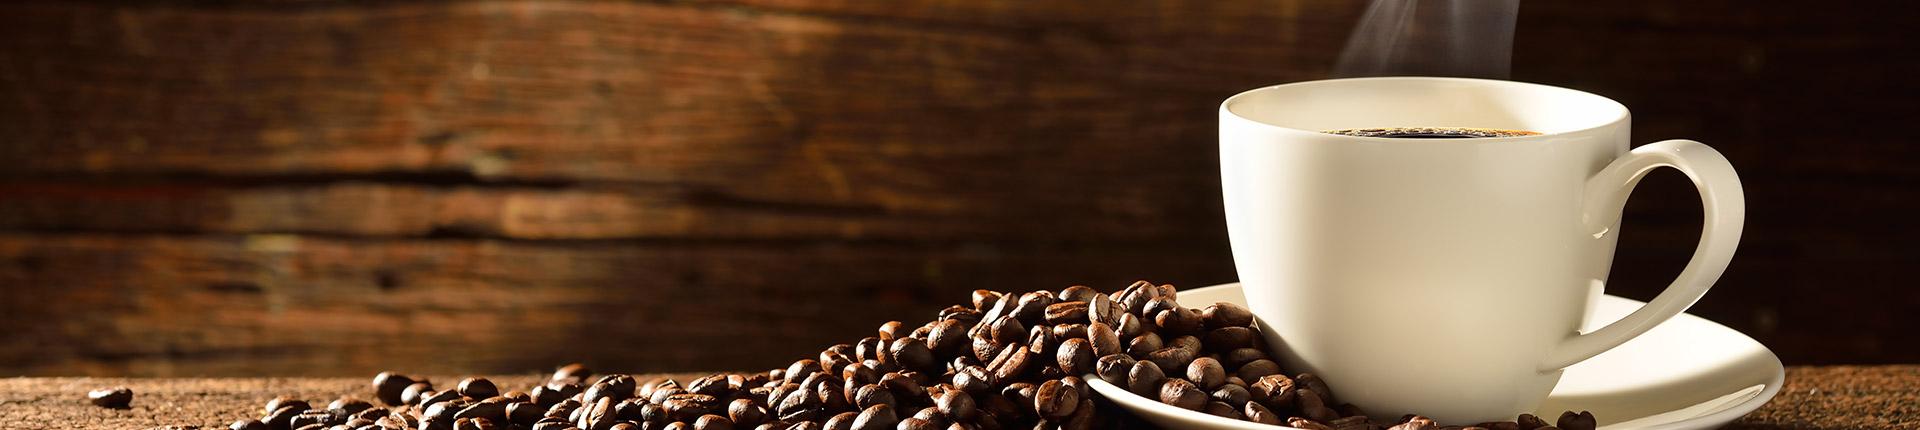 Caffe Bar Suncani Sat Importanne Centar